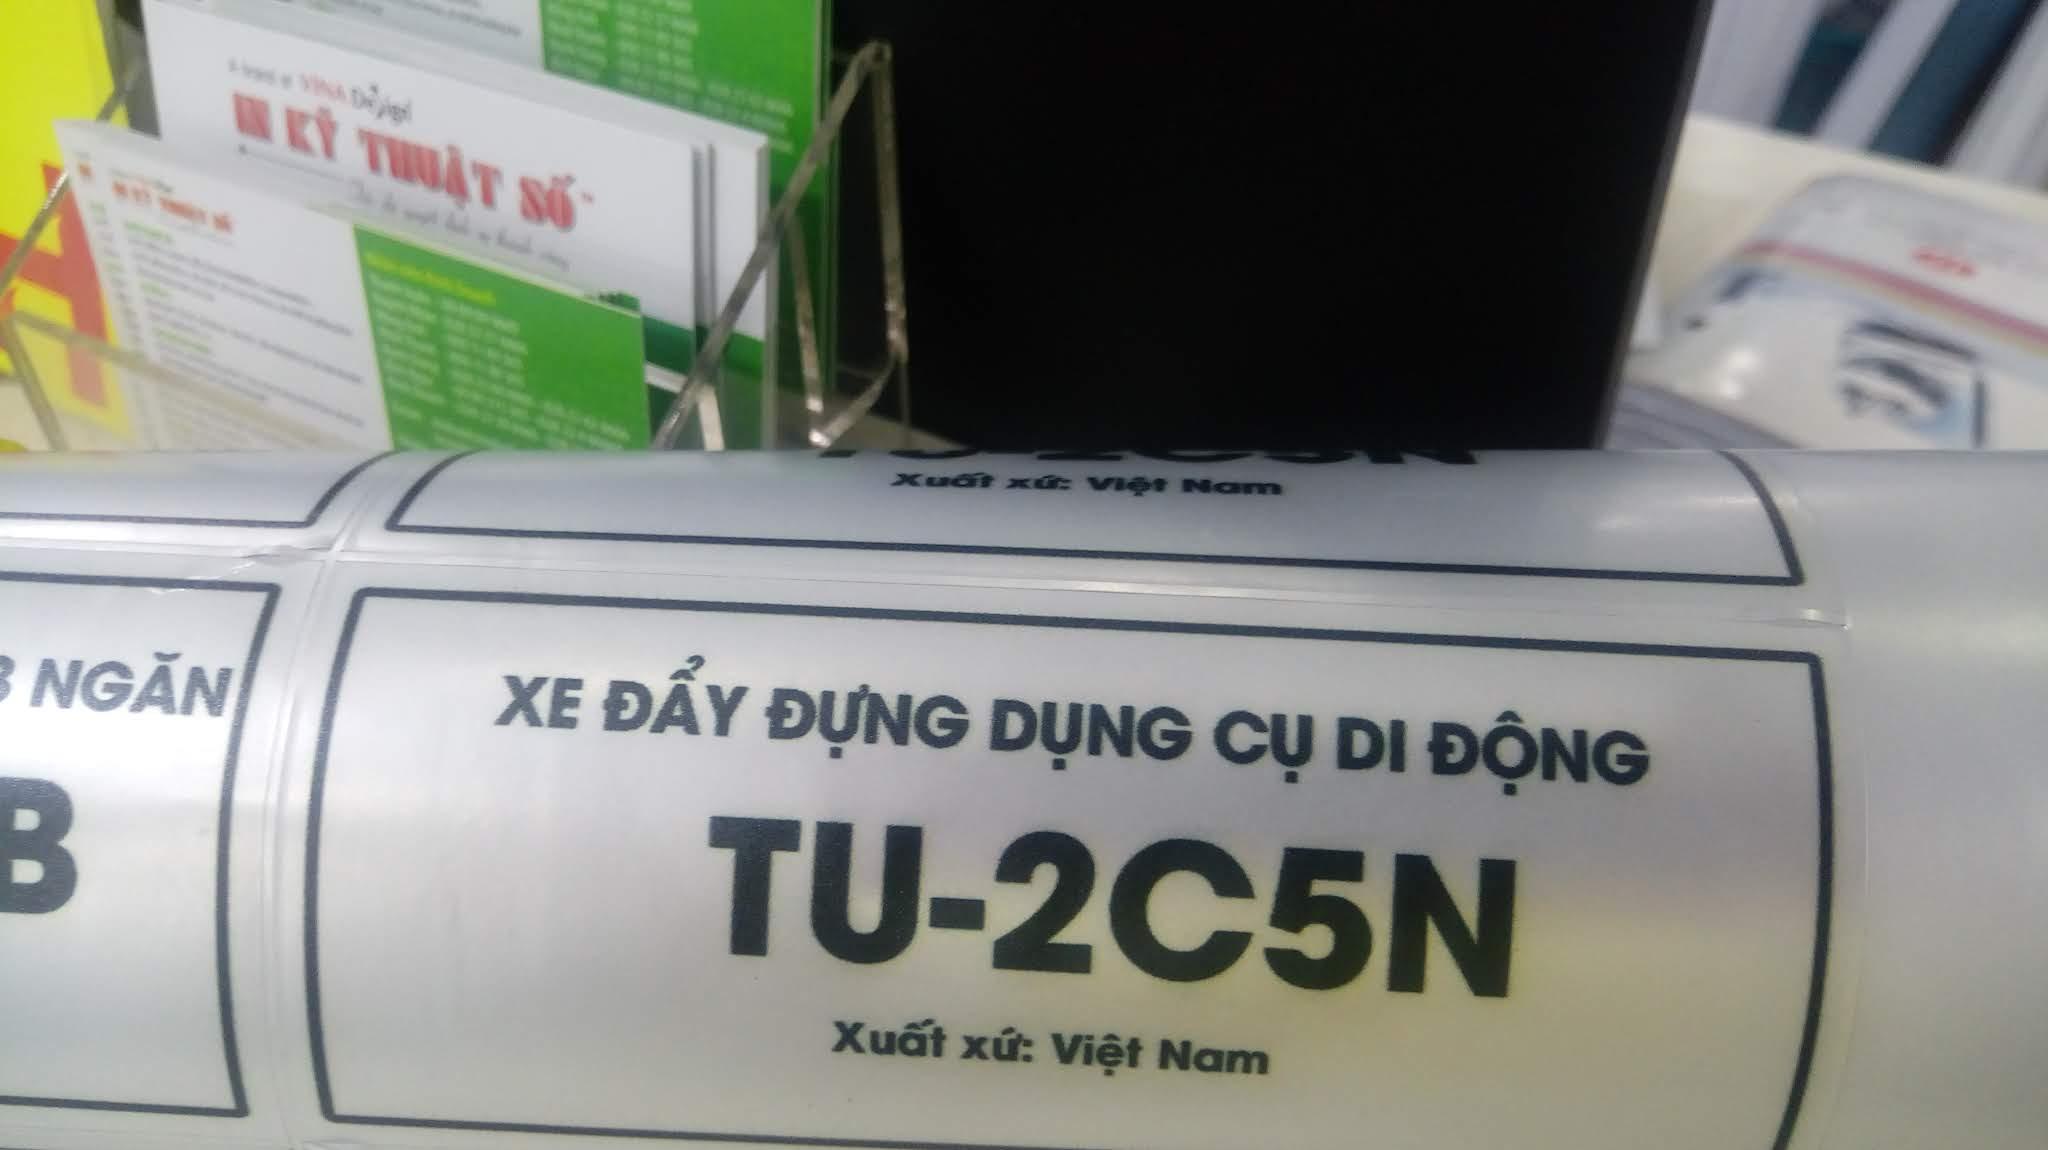 In tem bạc xe đẩy dụng cụ di động - xuất xứ Việt Nam